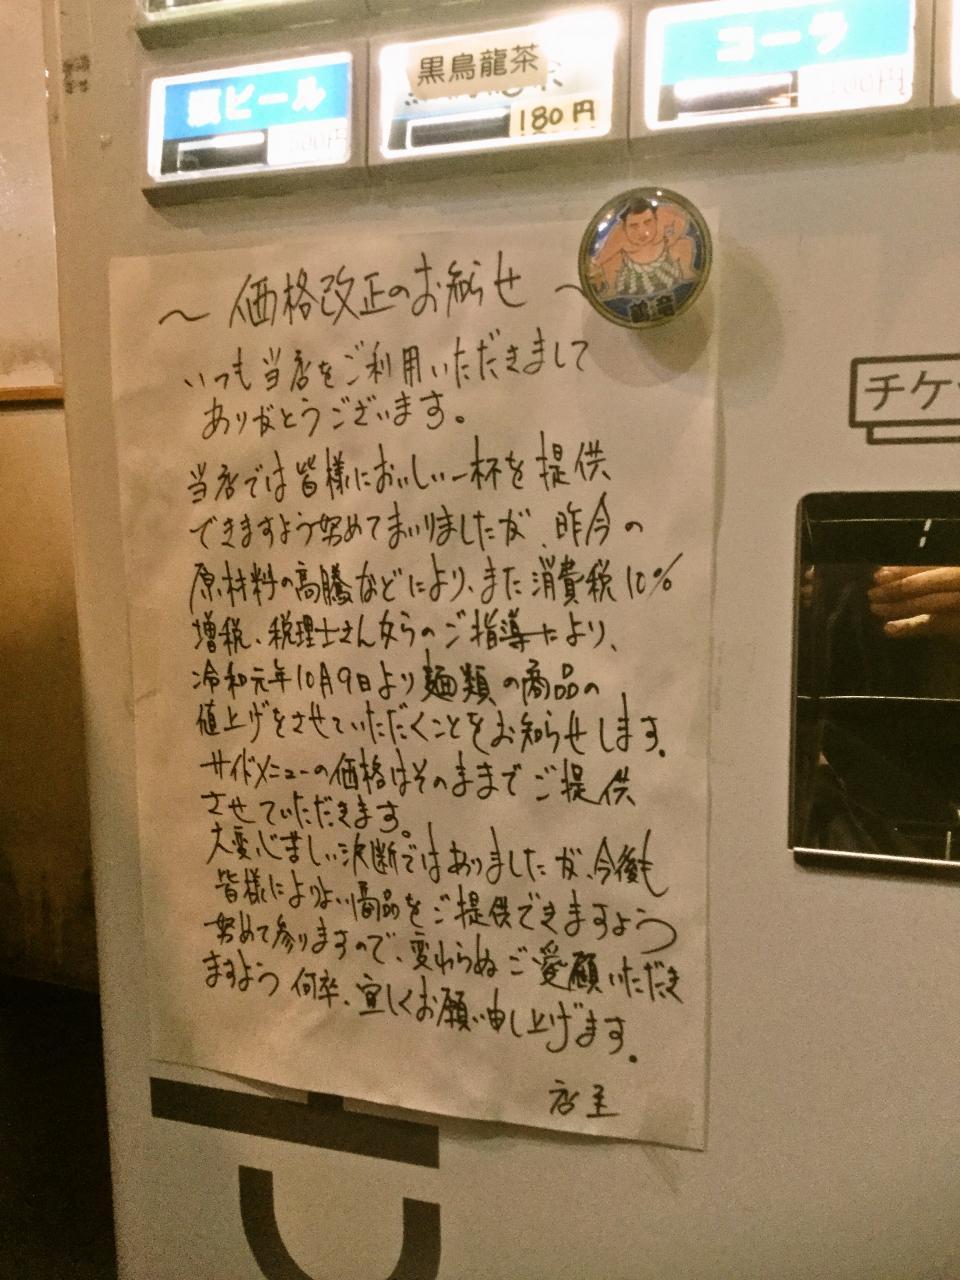 らー麺土俵 鶴嶺峰(価格)